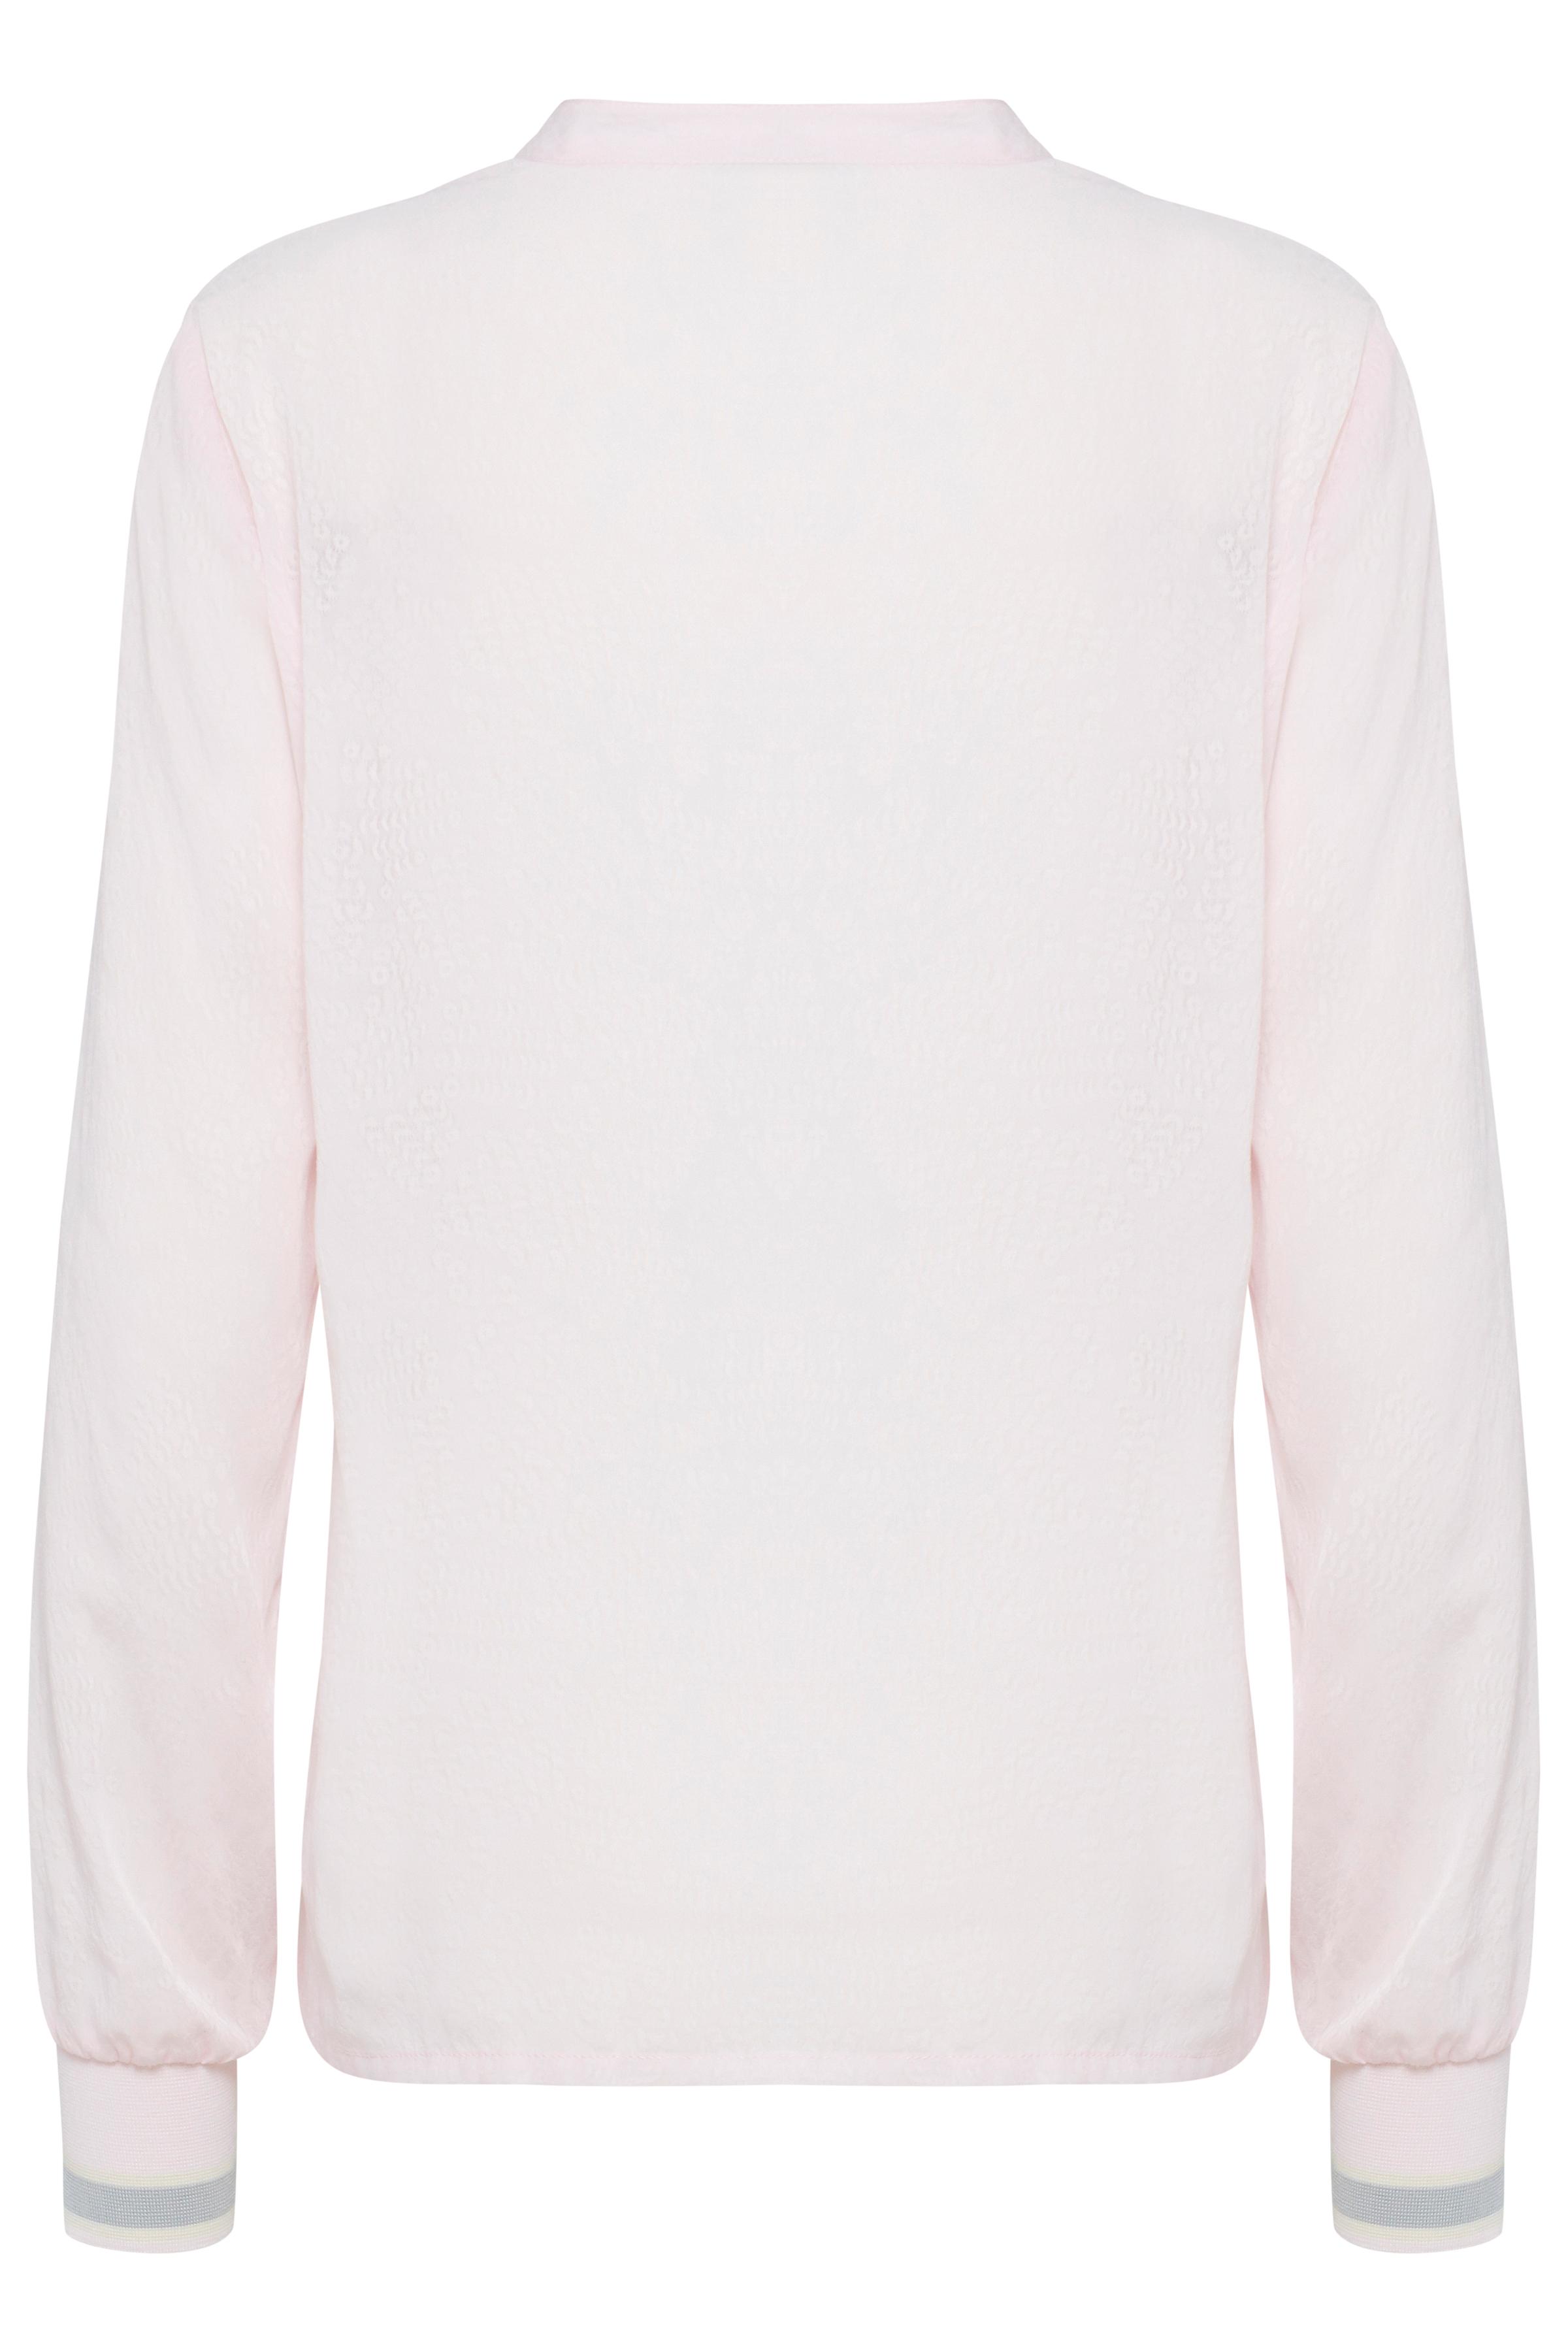 Cradle Pink Langærmet Bluse – Køb Cradle Pink Langærmet Bluse fra str. XS-XL her